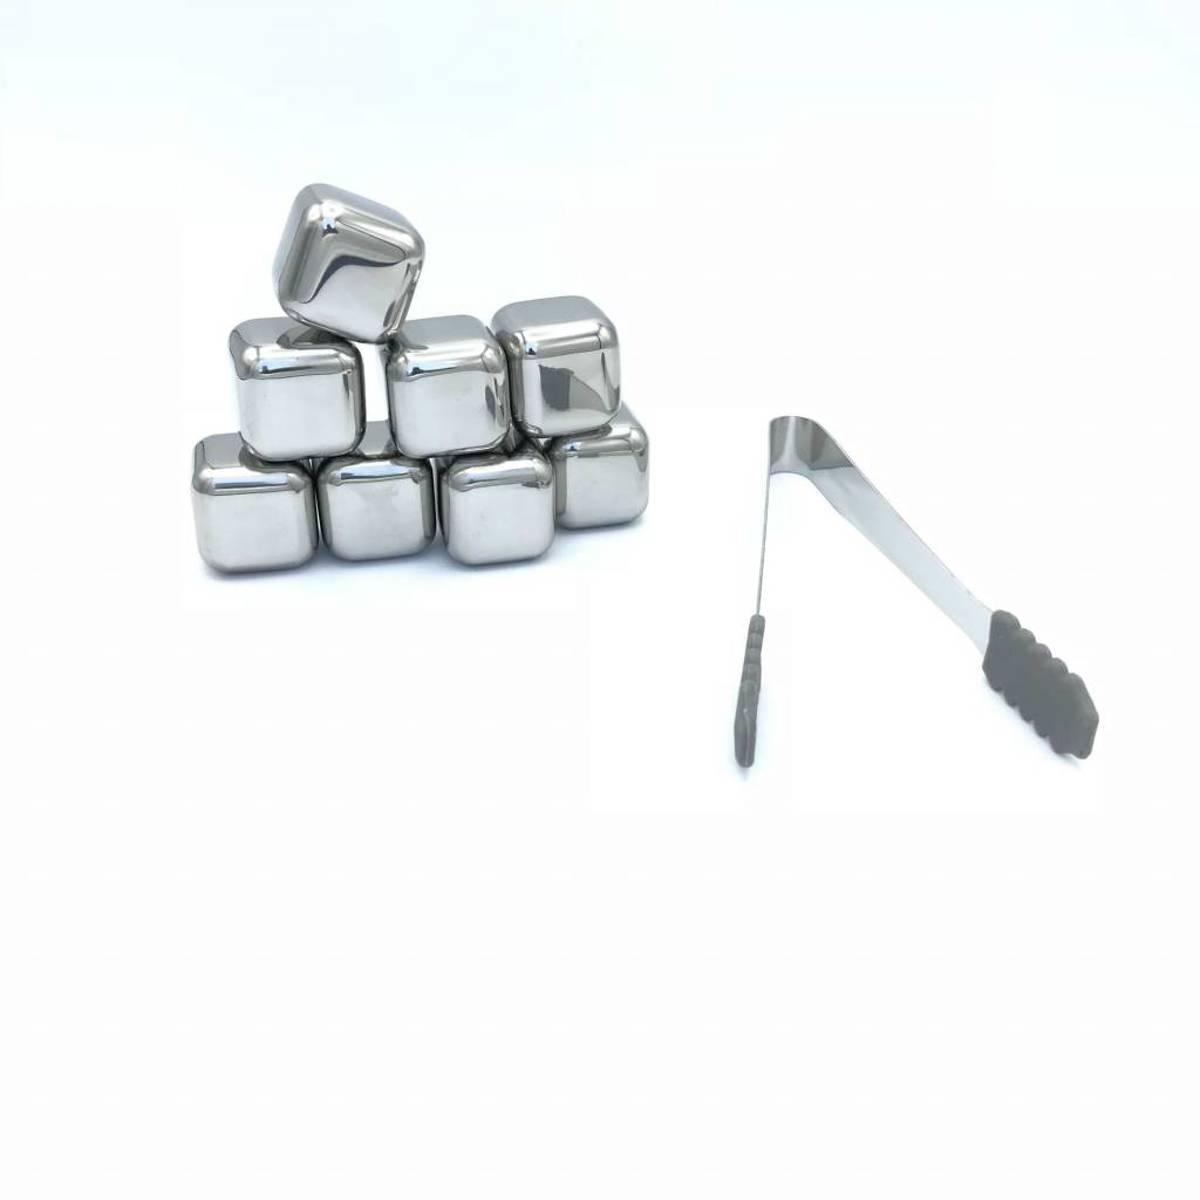 Luxe RVS whiskey stenen met ijsblokjes tang - Whiskey stones - ijsblokjes vervanger -  8 stuks kopen